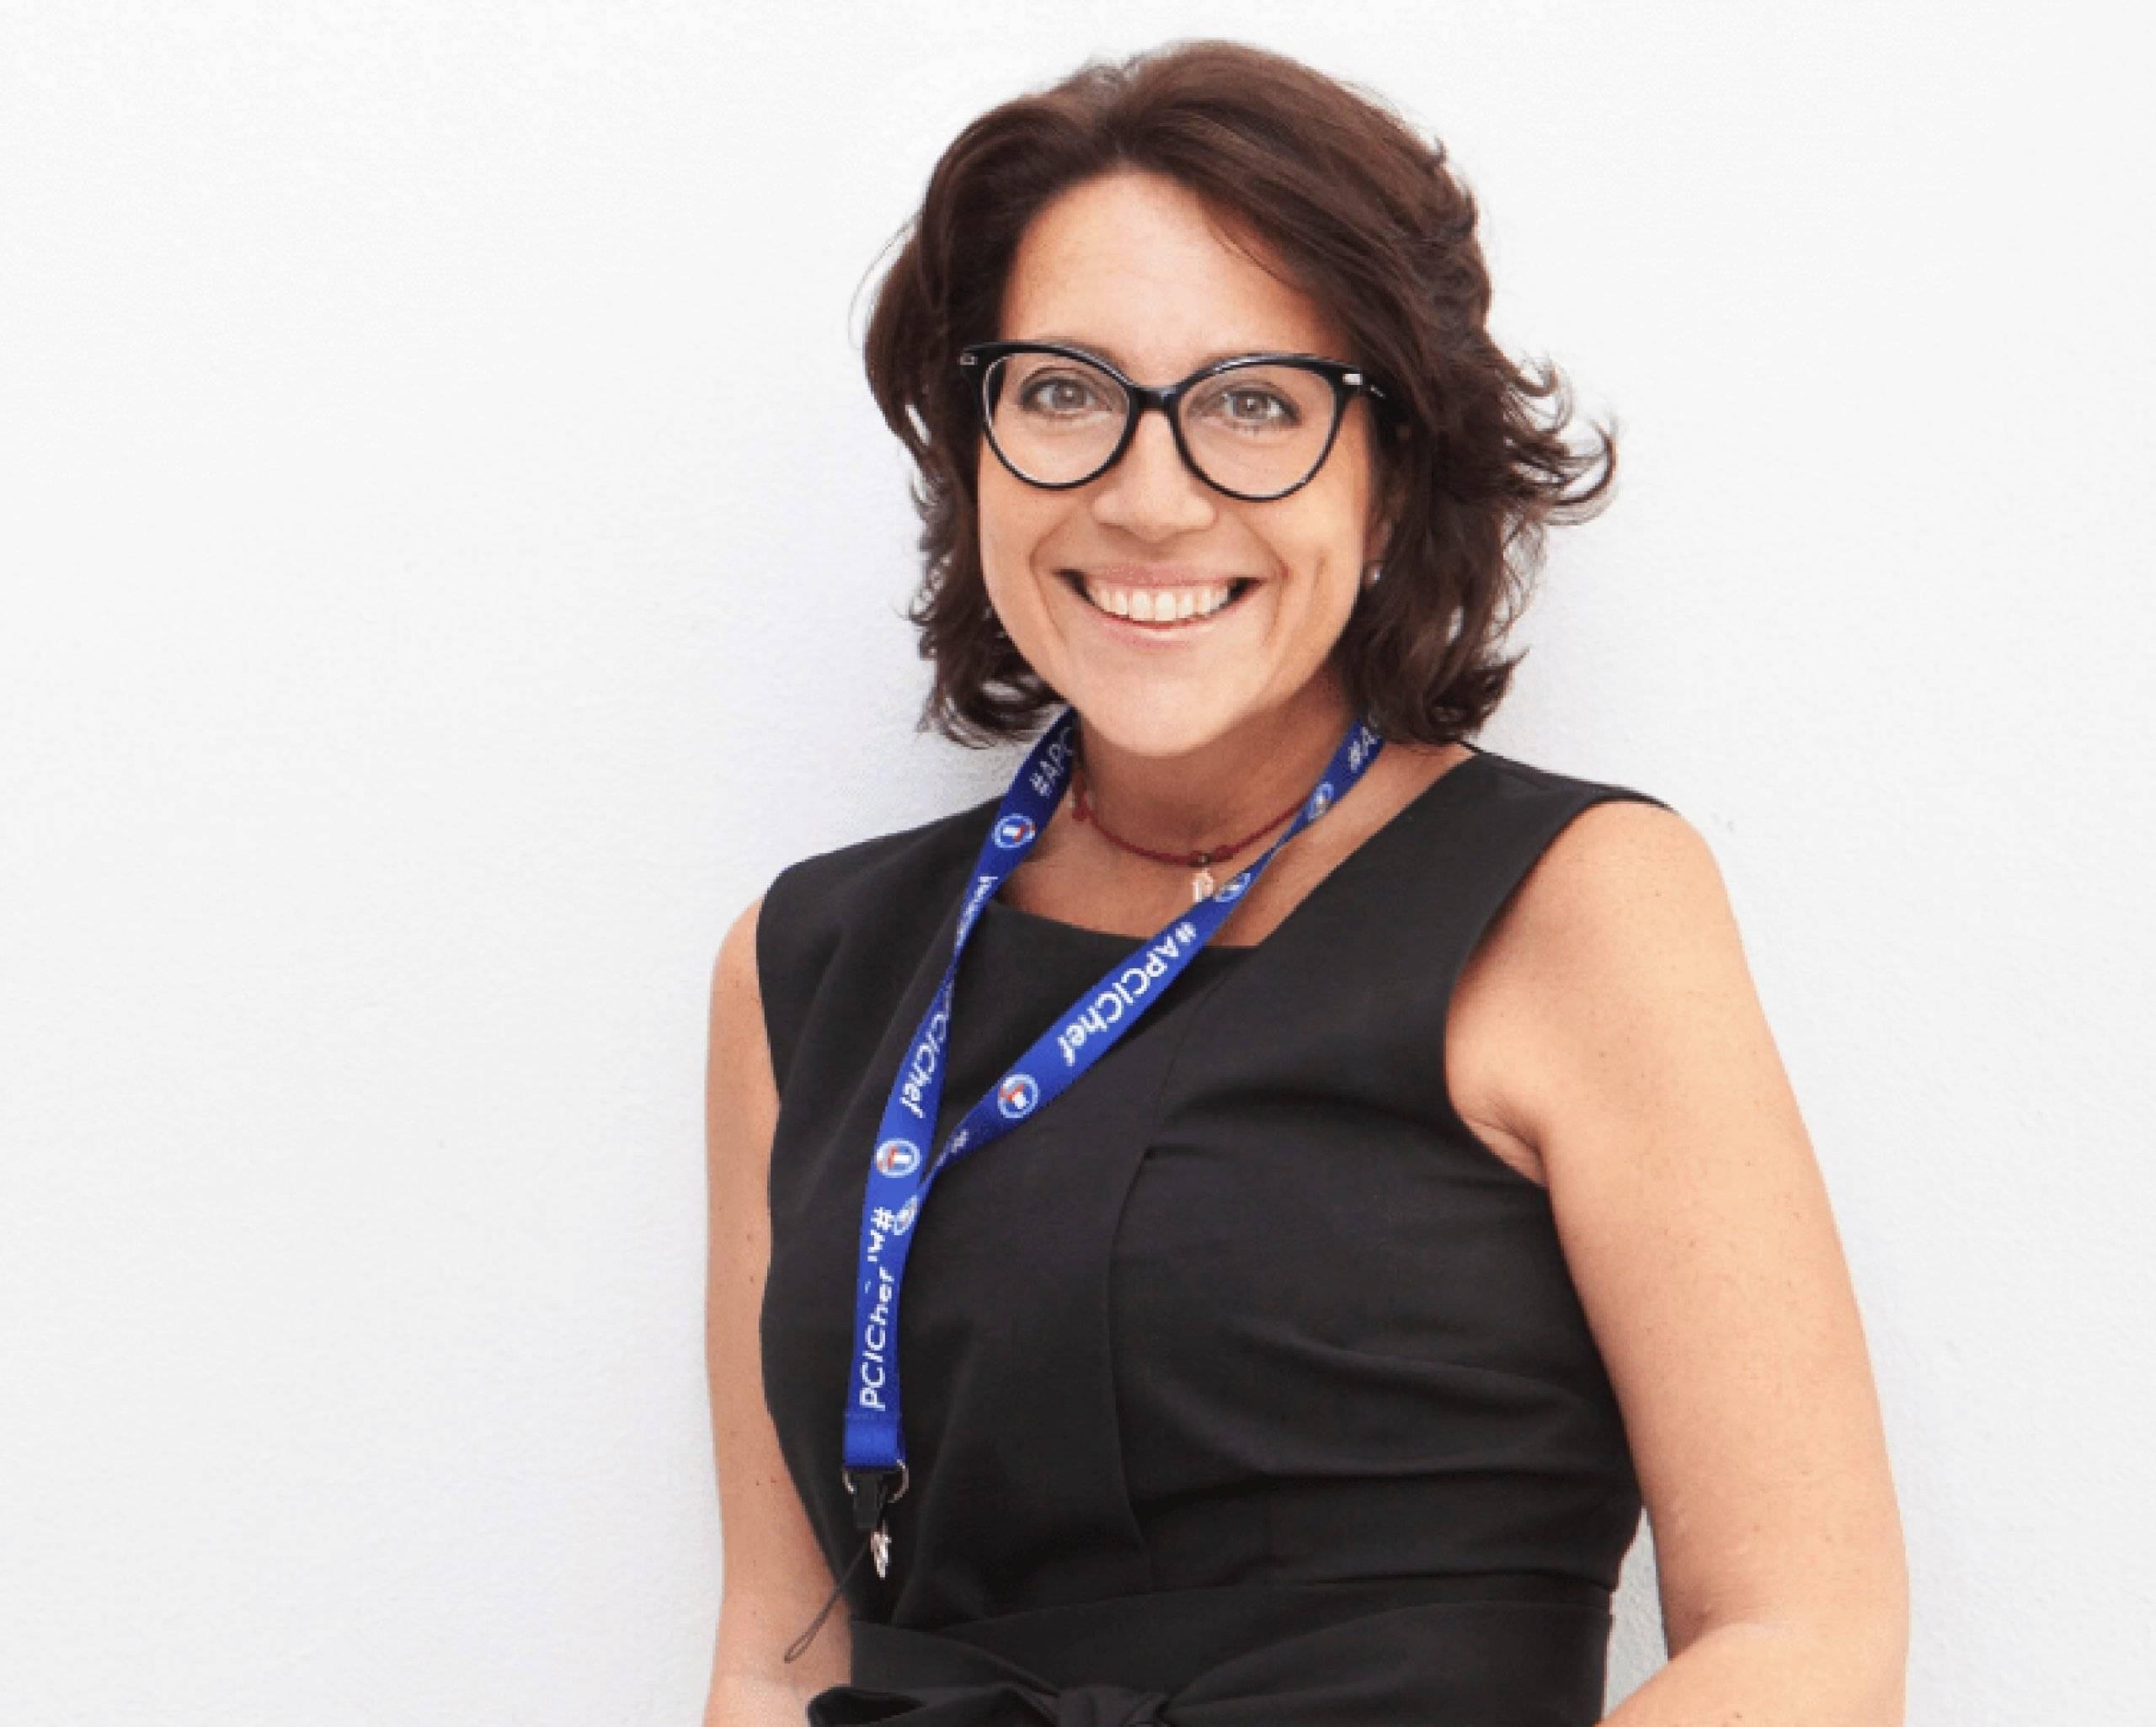 Sonia Re - Direttore Generale Apci Startup-News